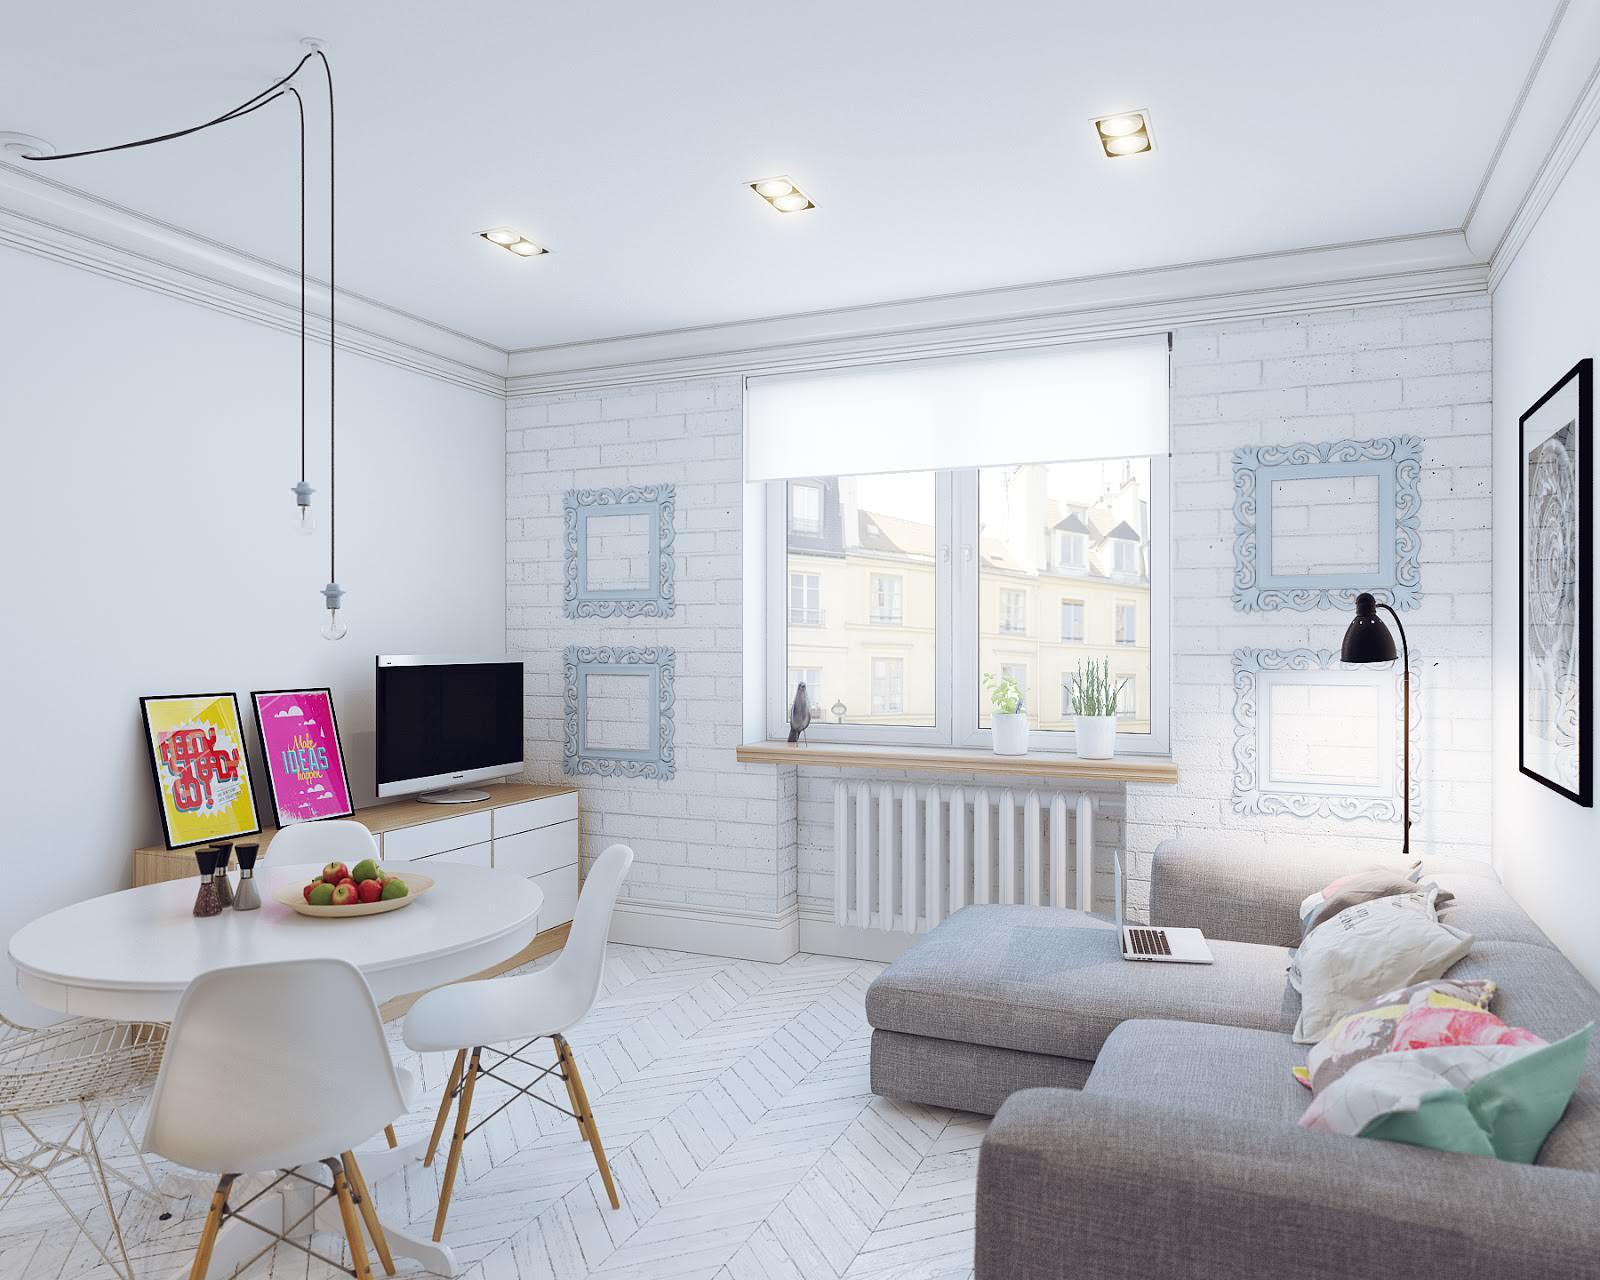 скандинавский дизайн интерьера маленькой квартиры студии 24 кв м